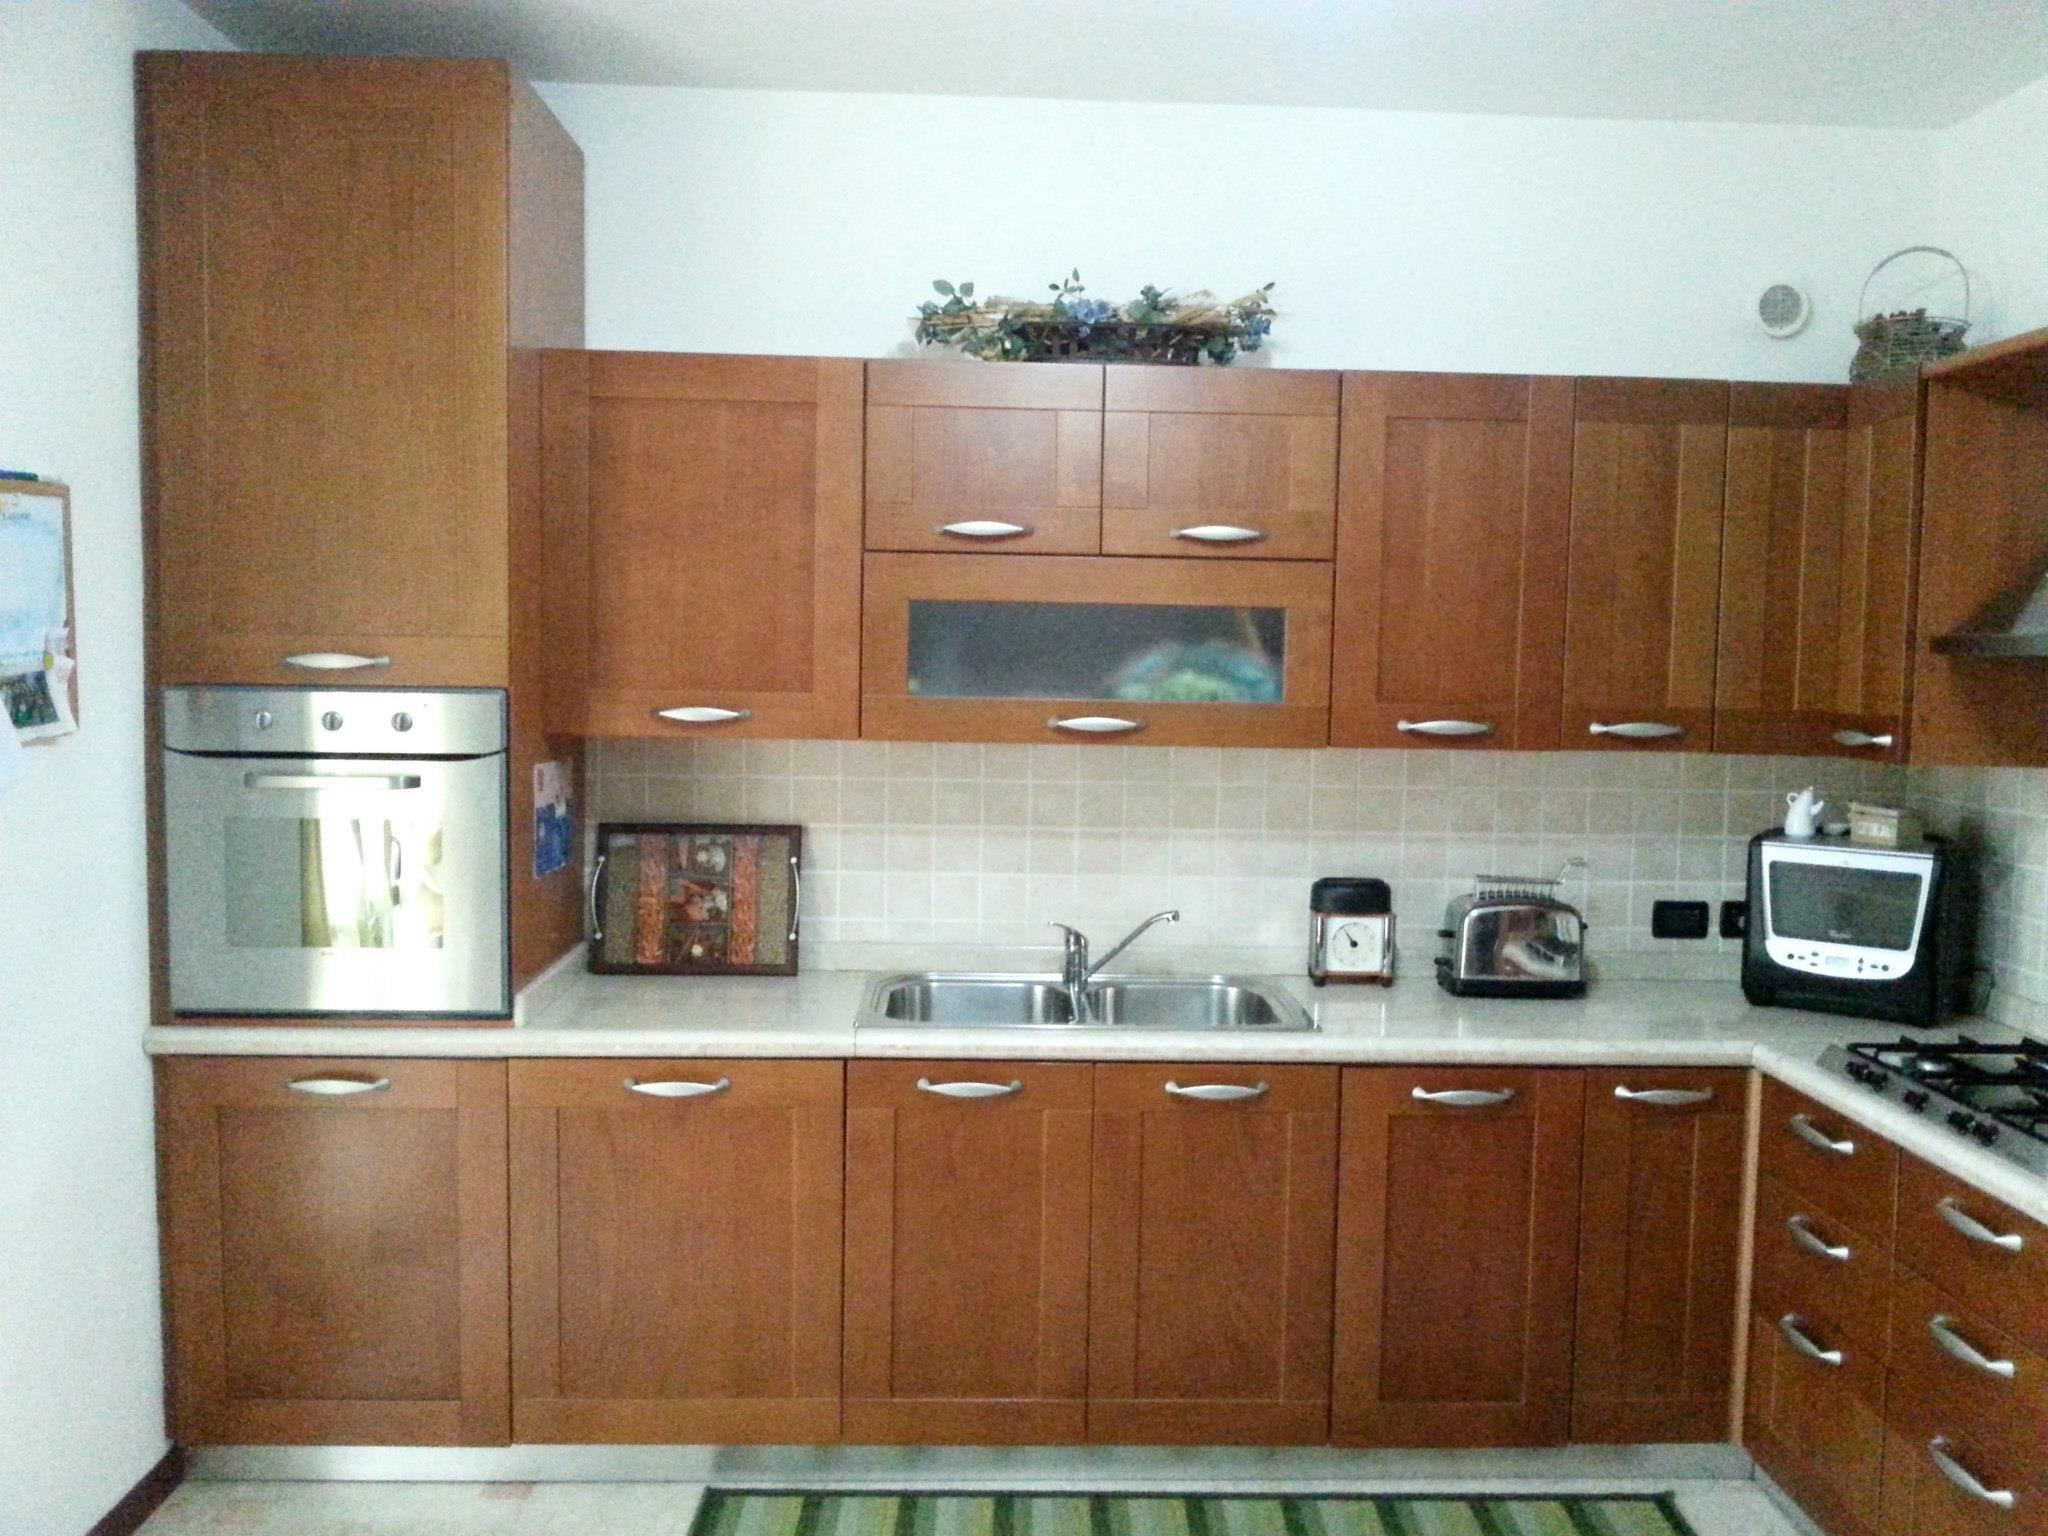 CUCINA CILIEGIO PRIMA | Decorazione cucina, Cucine e Decorazioni